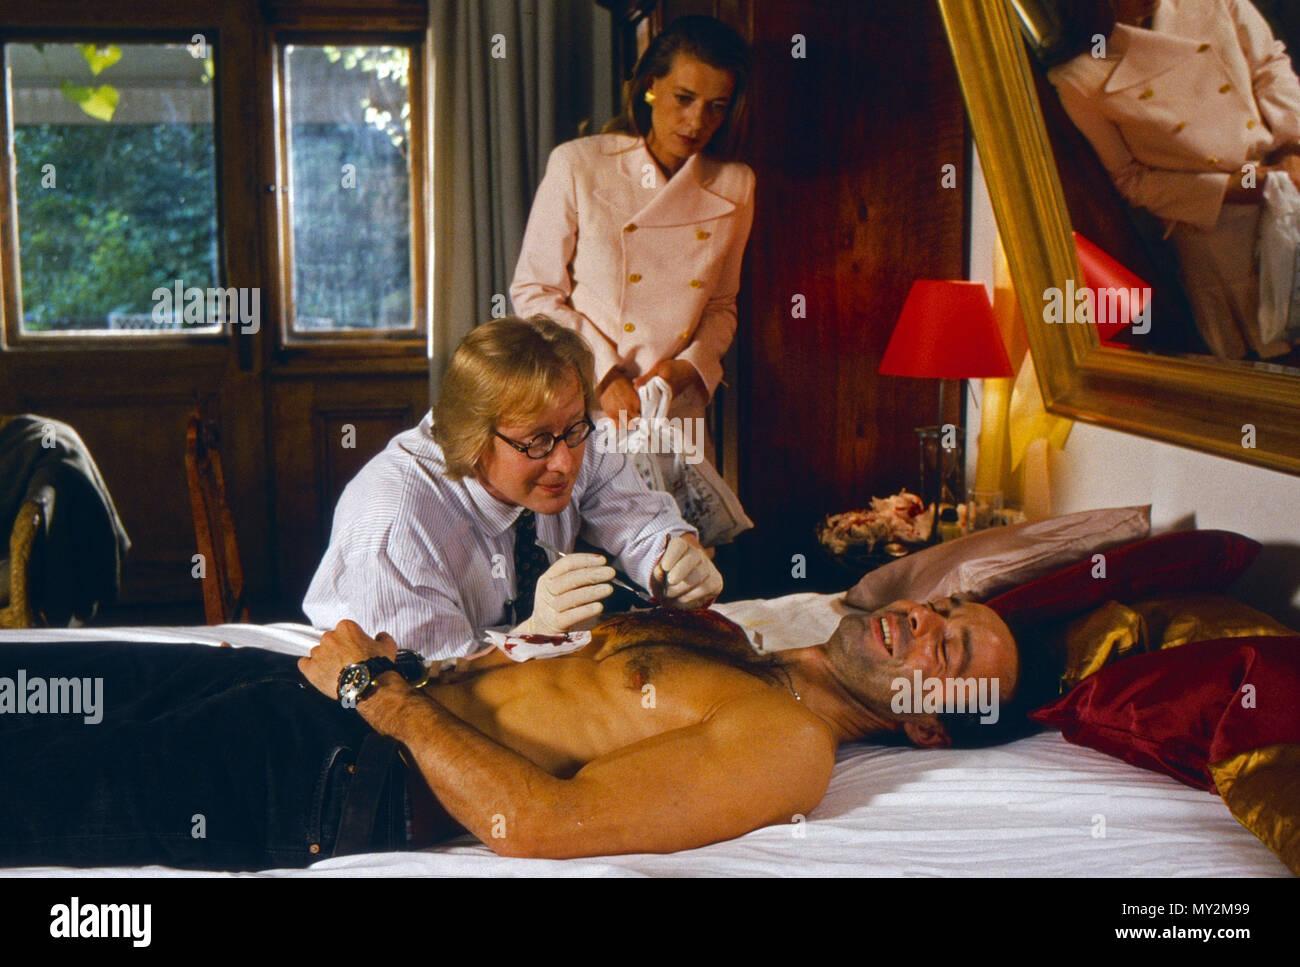 Der Räuber mit der sanften Hand, Fernsehfilm, Deutschland 1995, Regie: Wolfgang Mühlbauer, Darsteller: Hannes Jaenicke (liegend), Barbara Rudnik Stock Photo